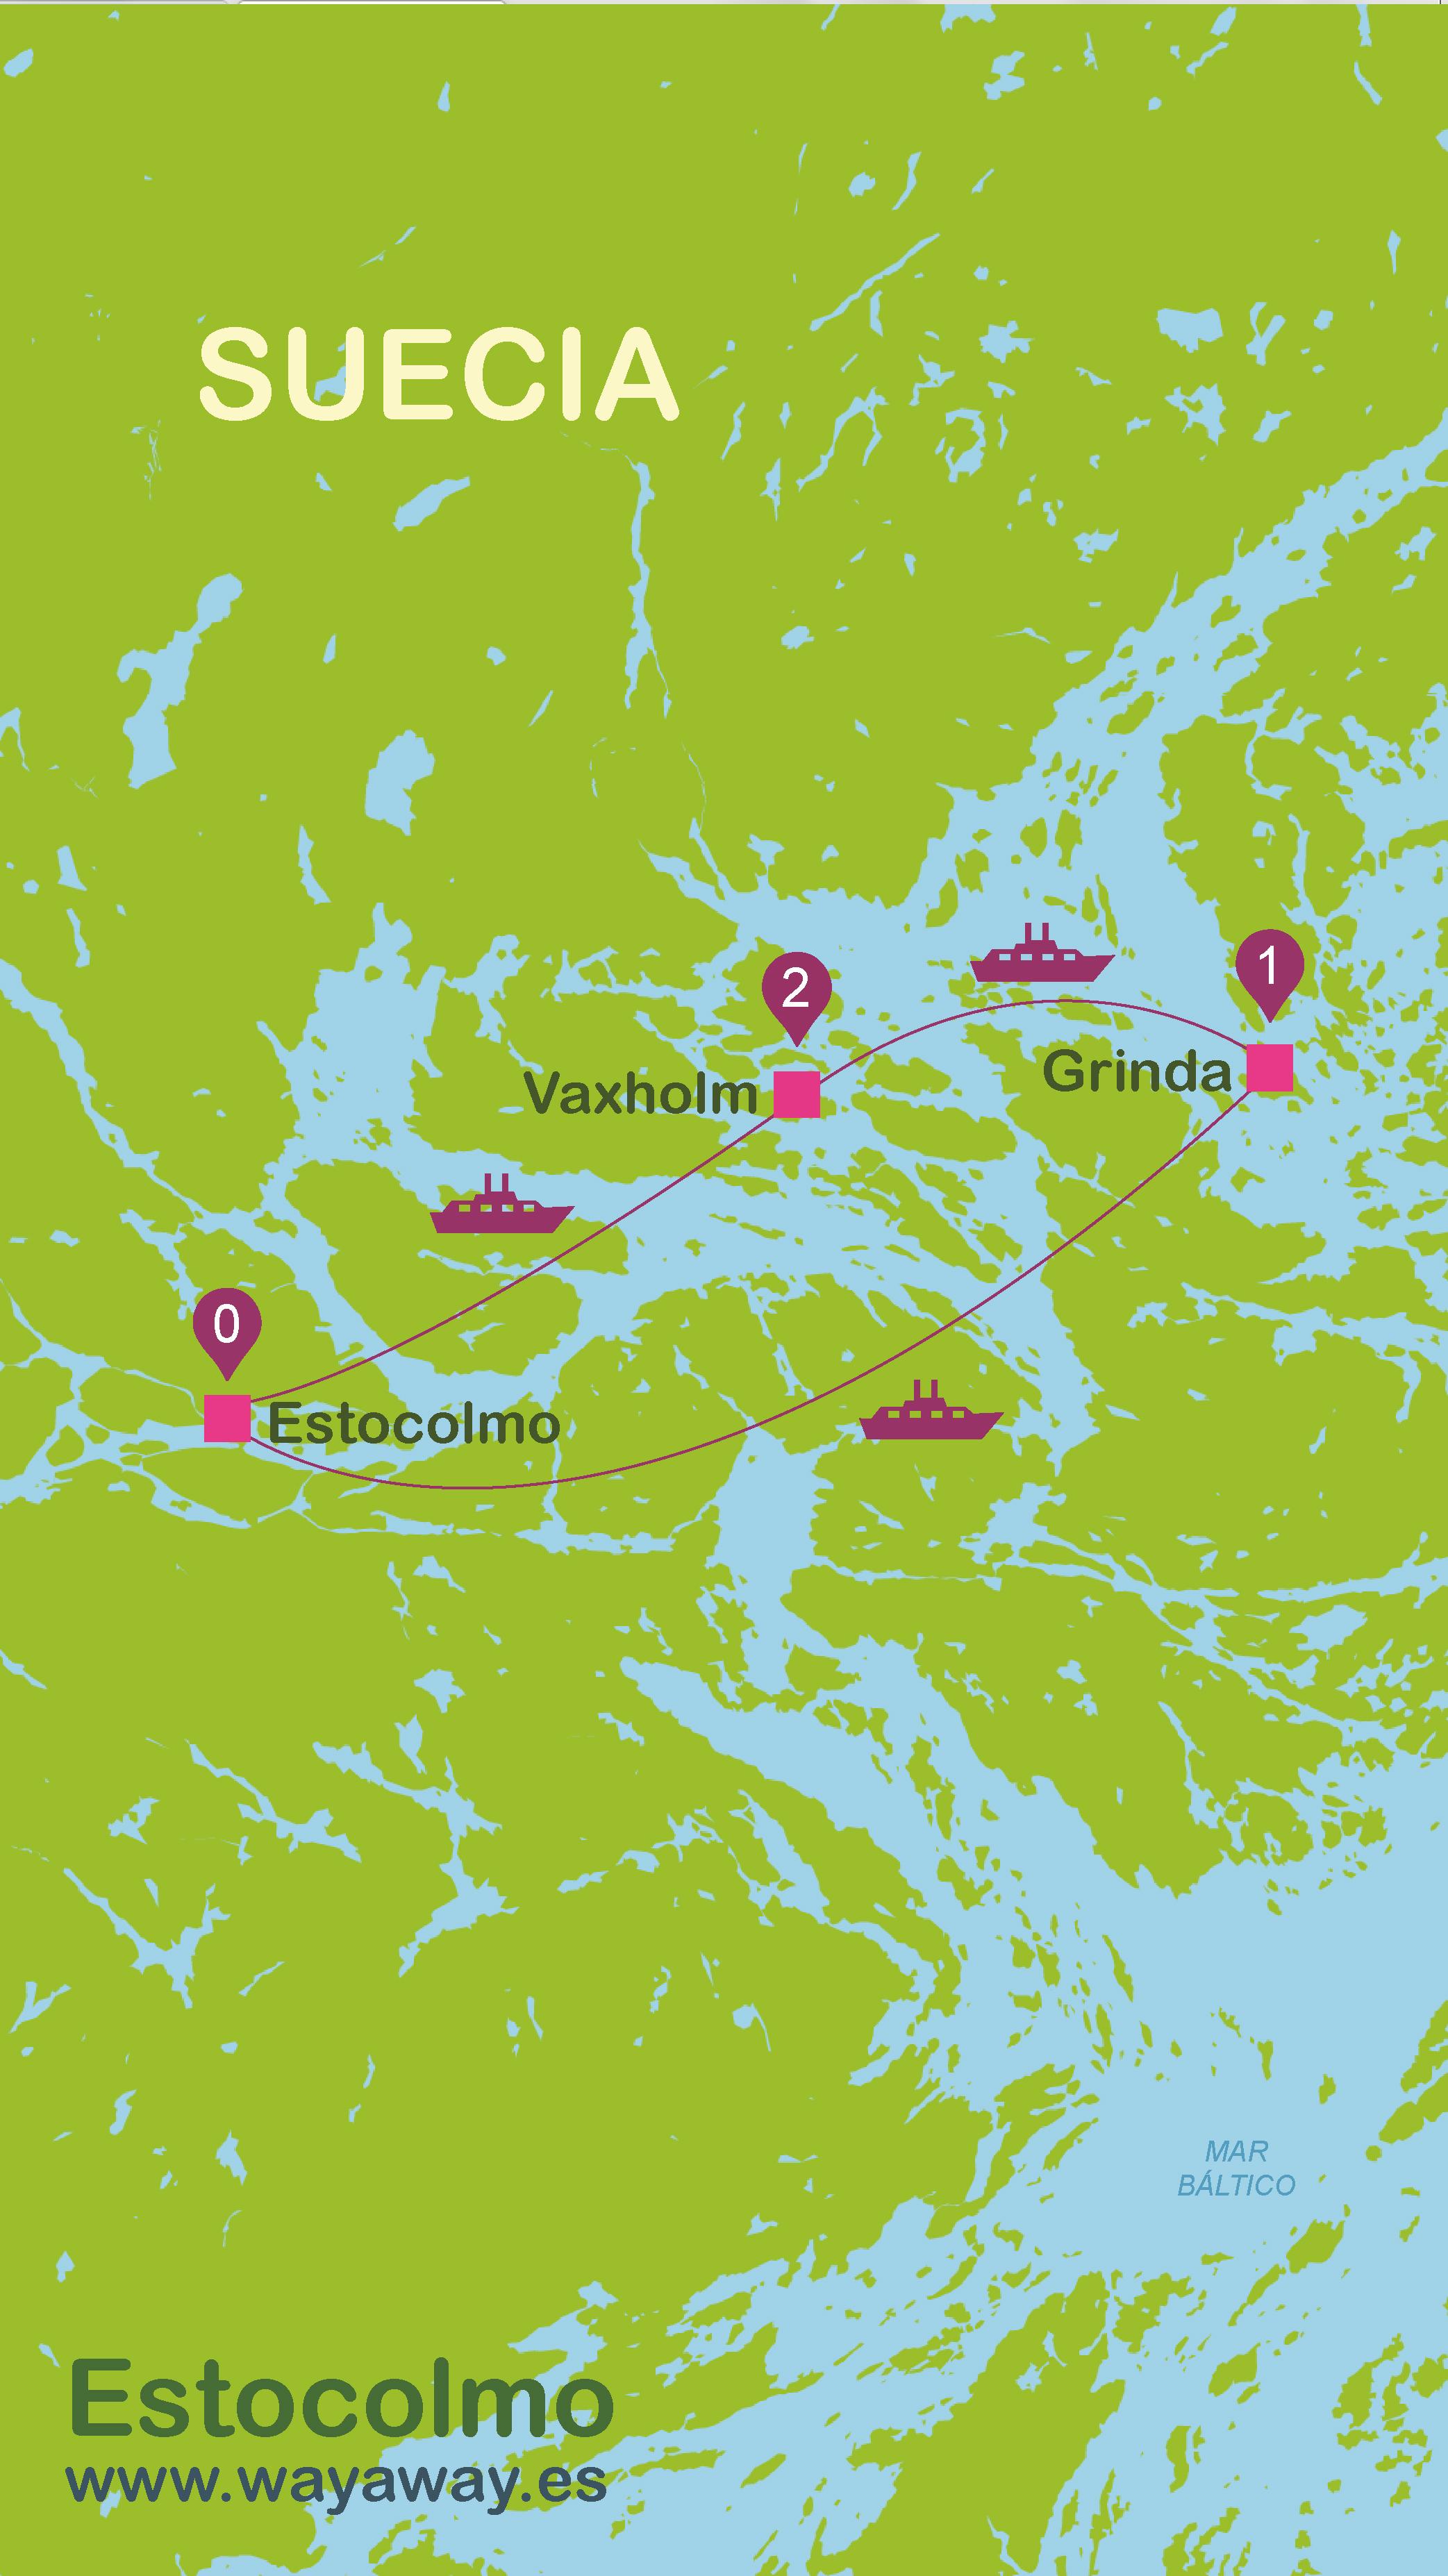 viajar a Estocolmo en 4 días